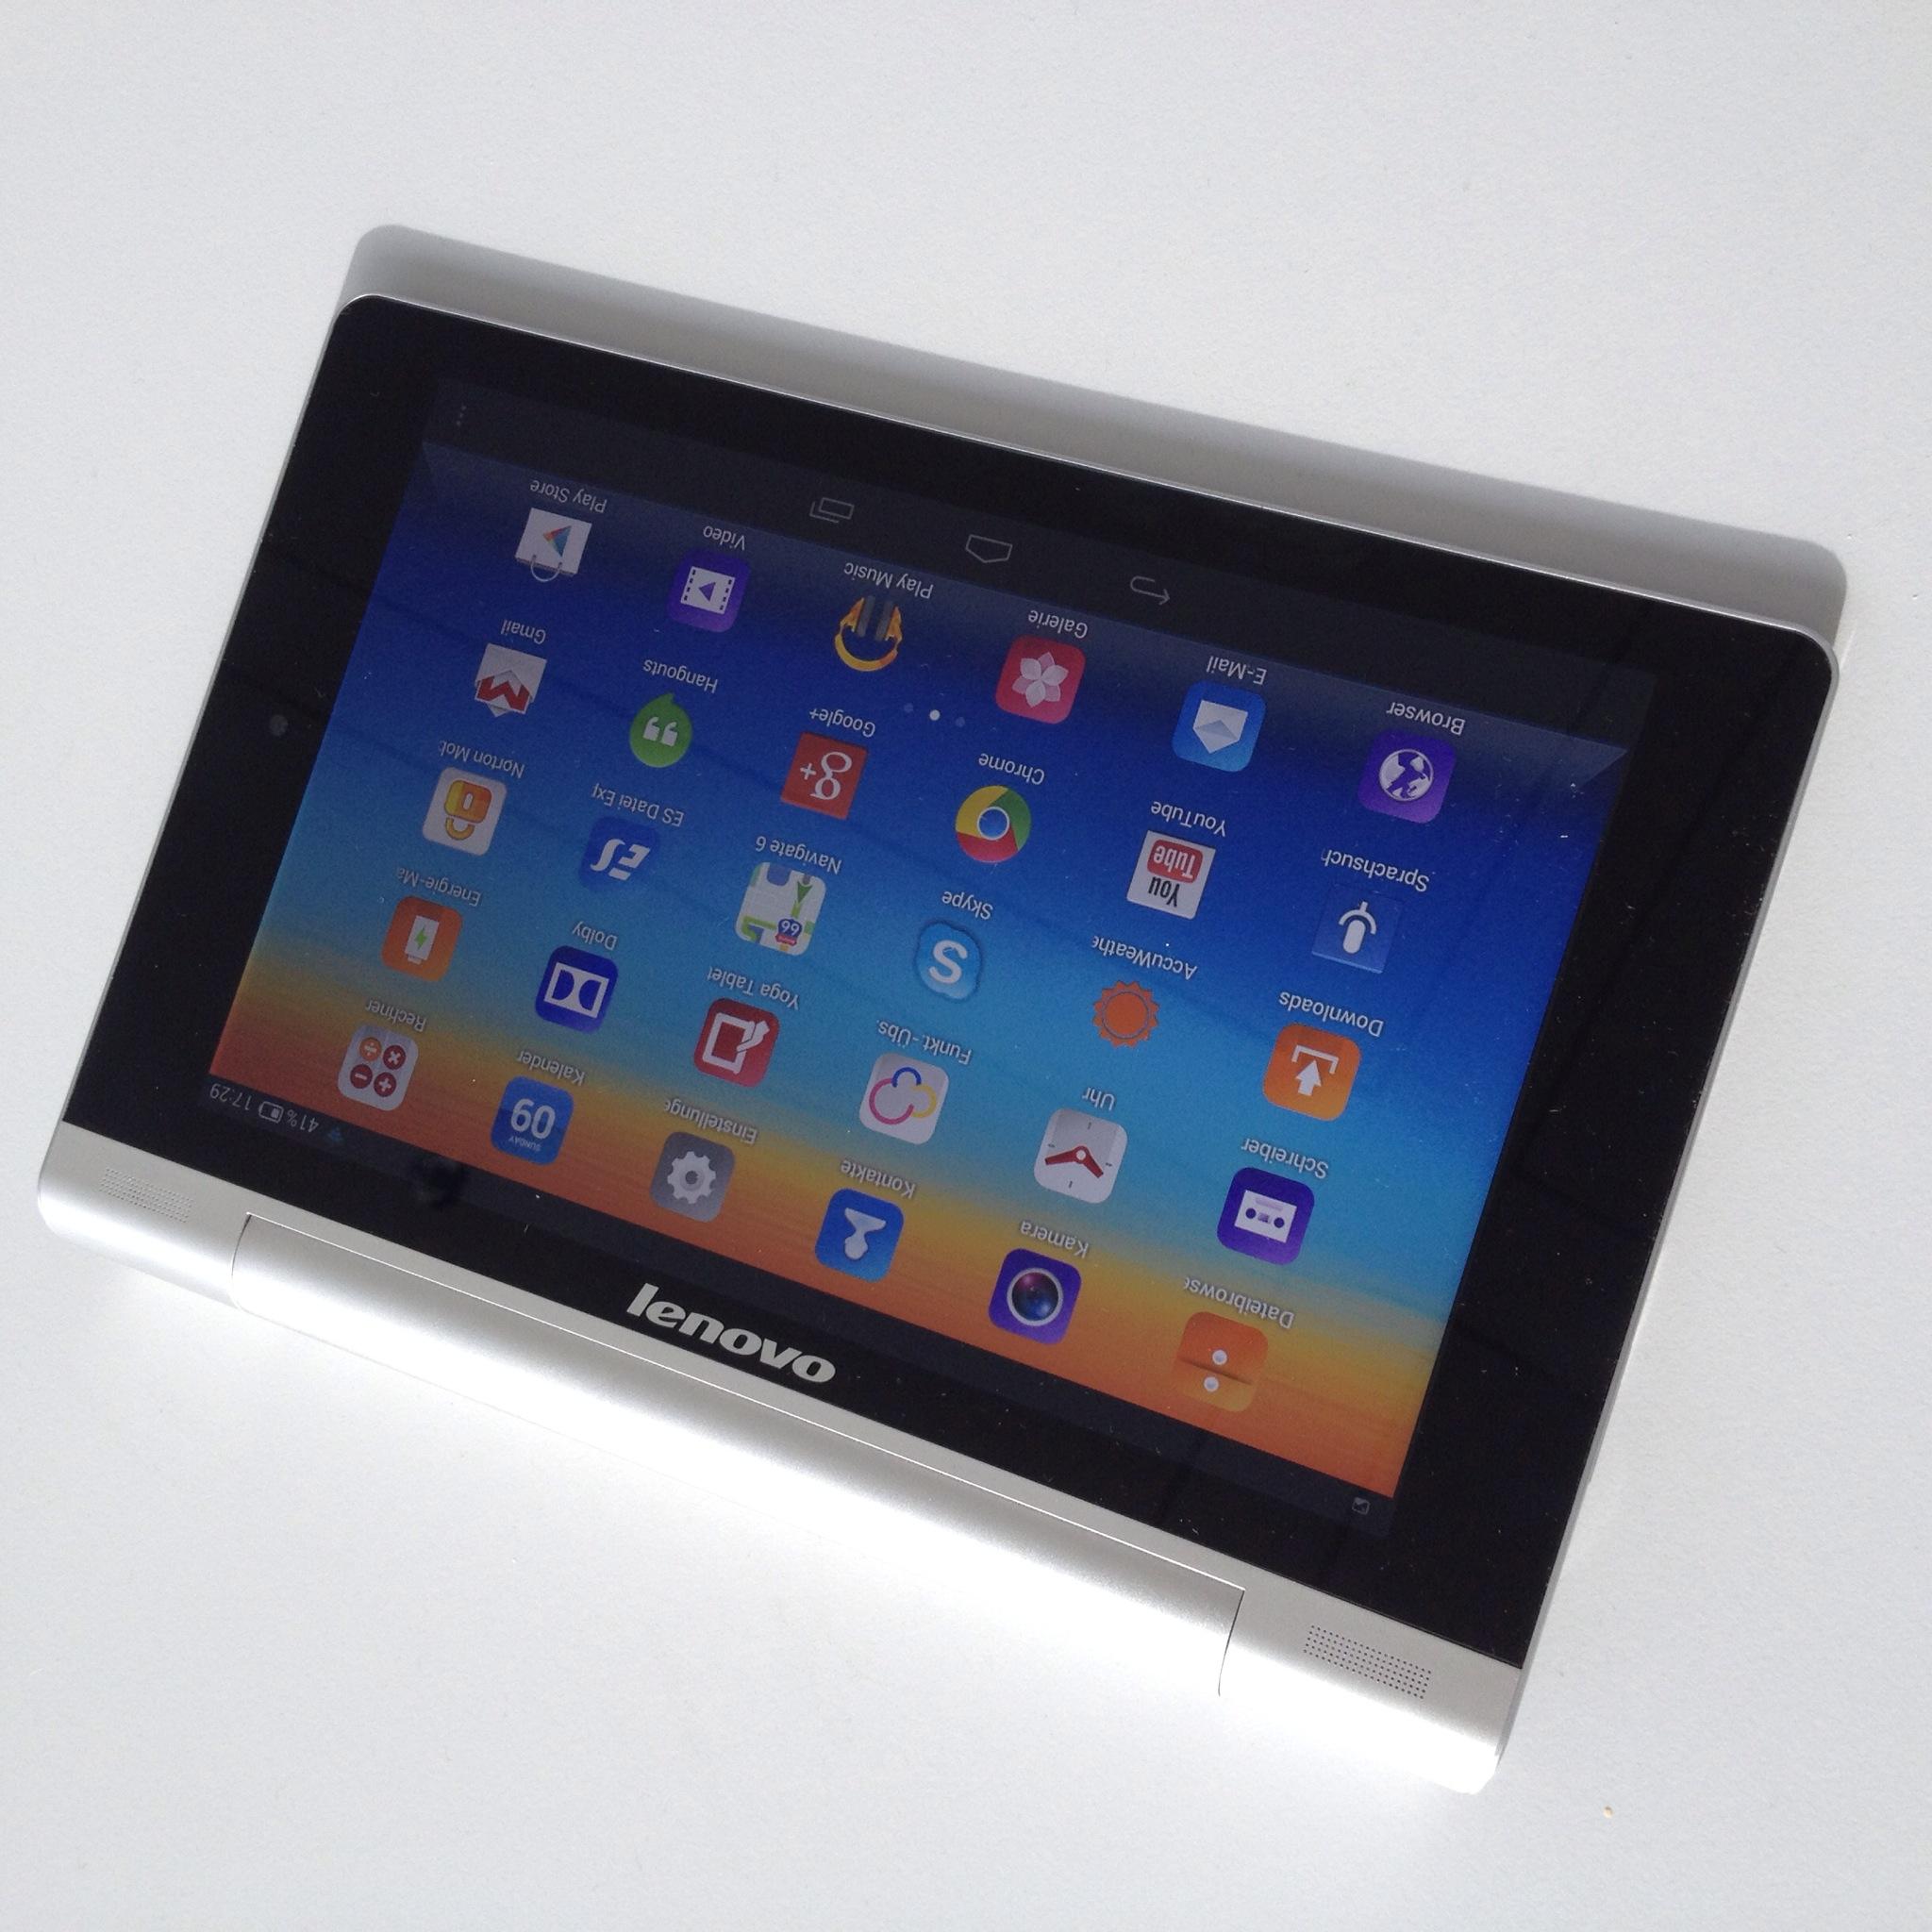 Lenovo Yoga Tablet 8 Mit Eingebautem Stnder Ausprobiert Tab Die Starken Scharnieren Sorgen Ebenfalls Fr Einen Fest Halt Wenn Der Aufgeklappt Ist Und Lassen Das Nicht Ohne Weiteres Nach Hinten